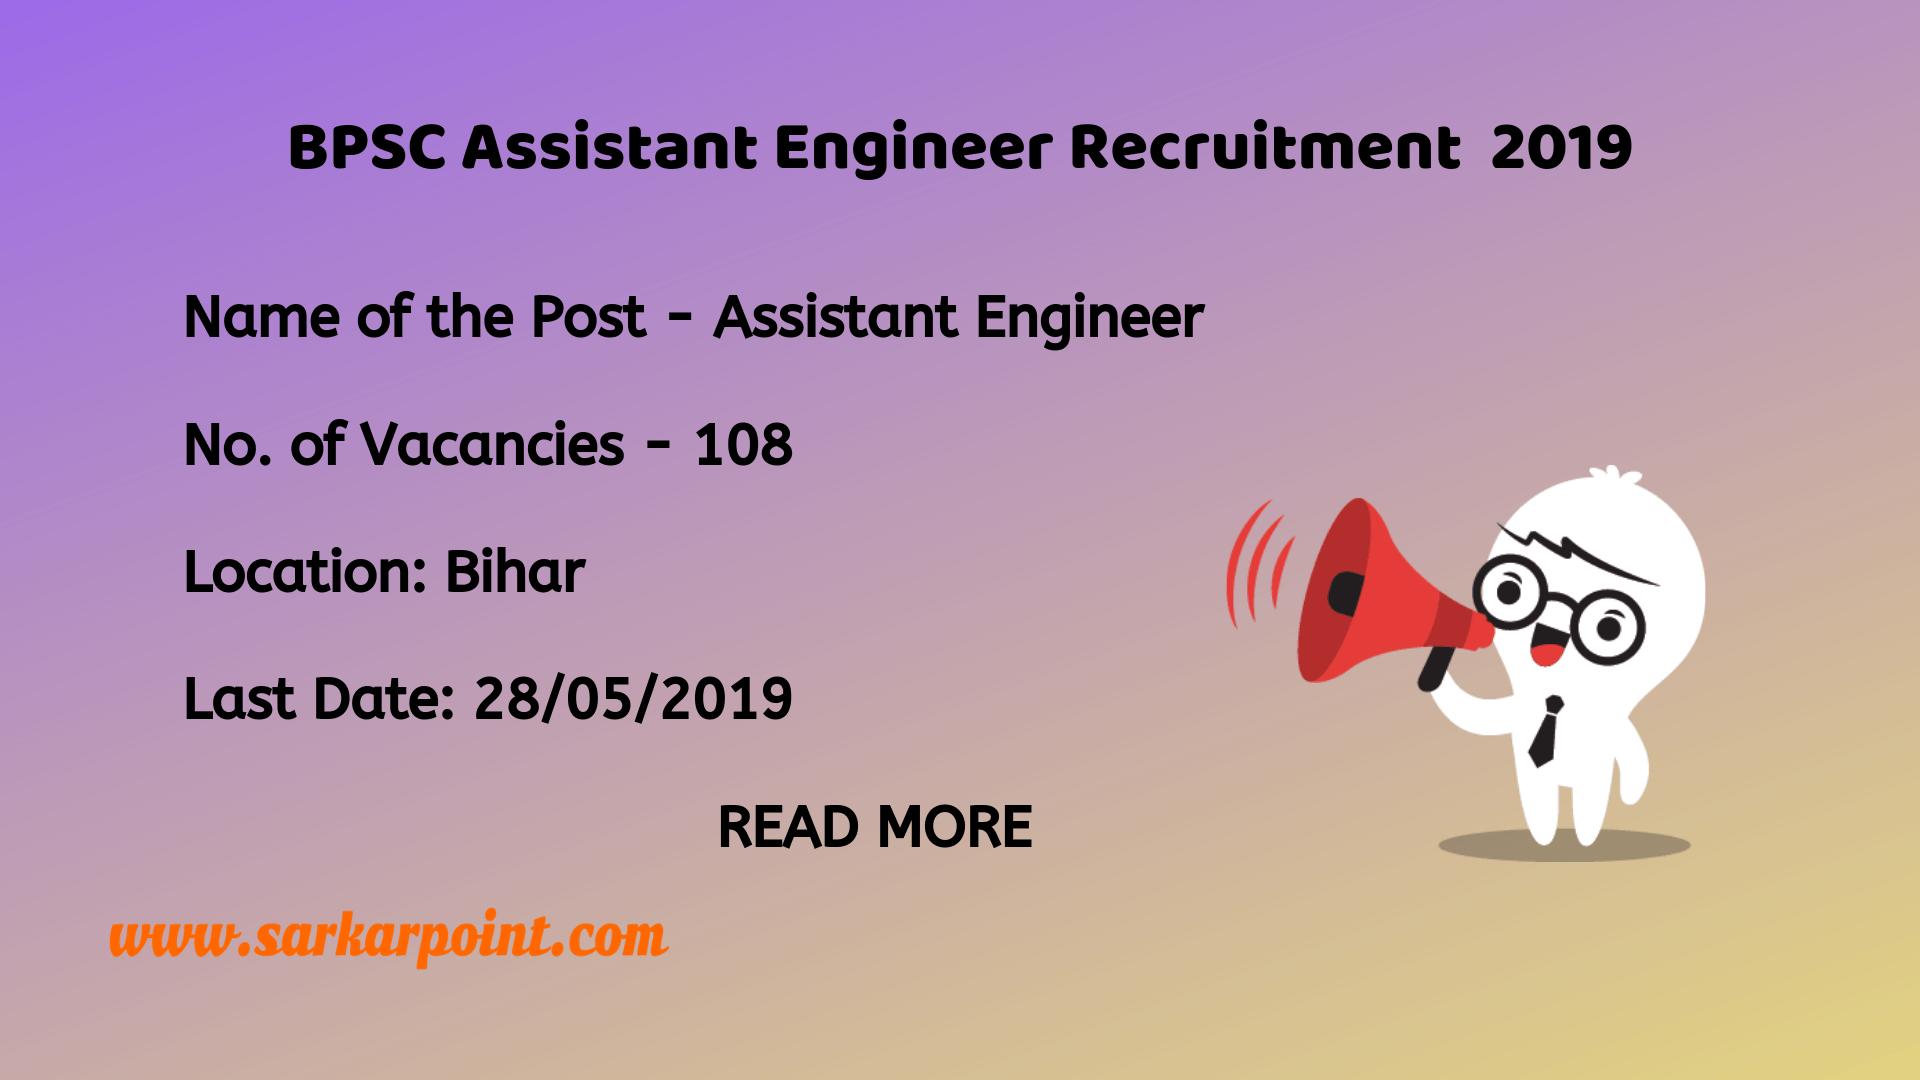 BPSC Assistant Engineer Recruitment 2019 | 108 Vacancies